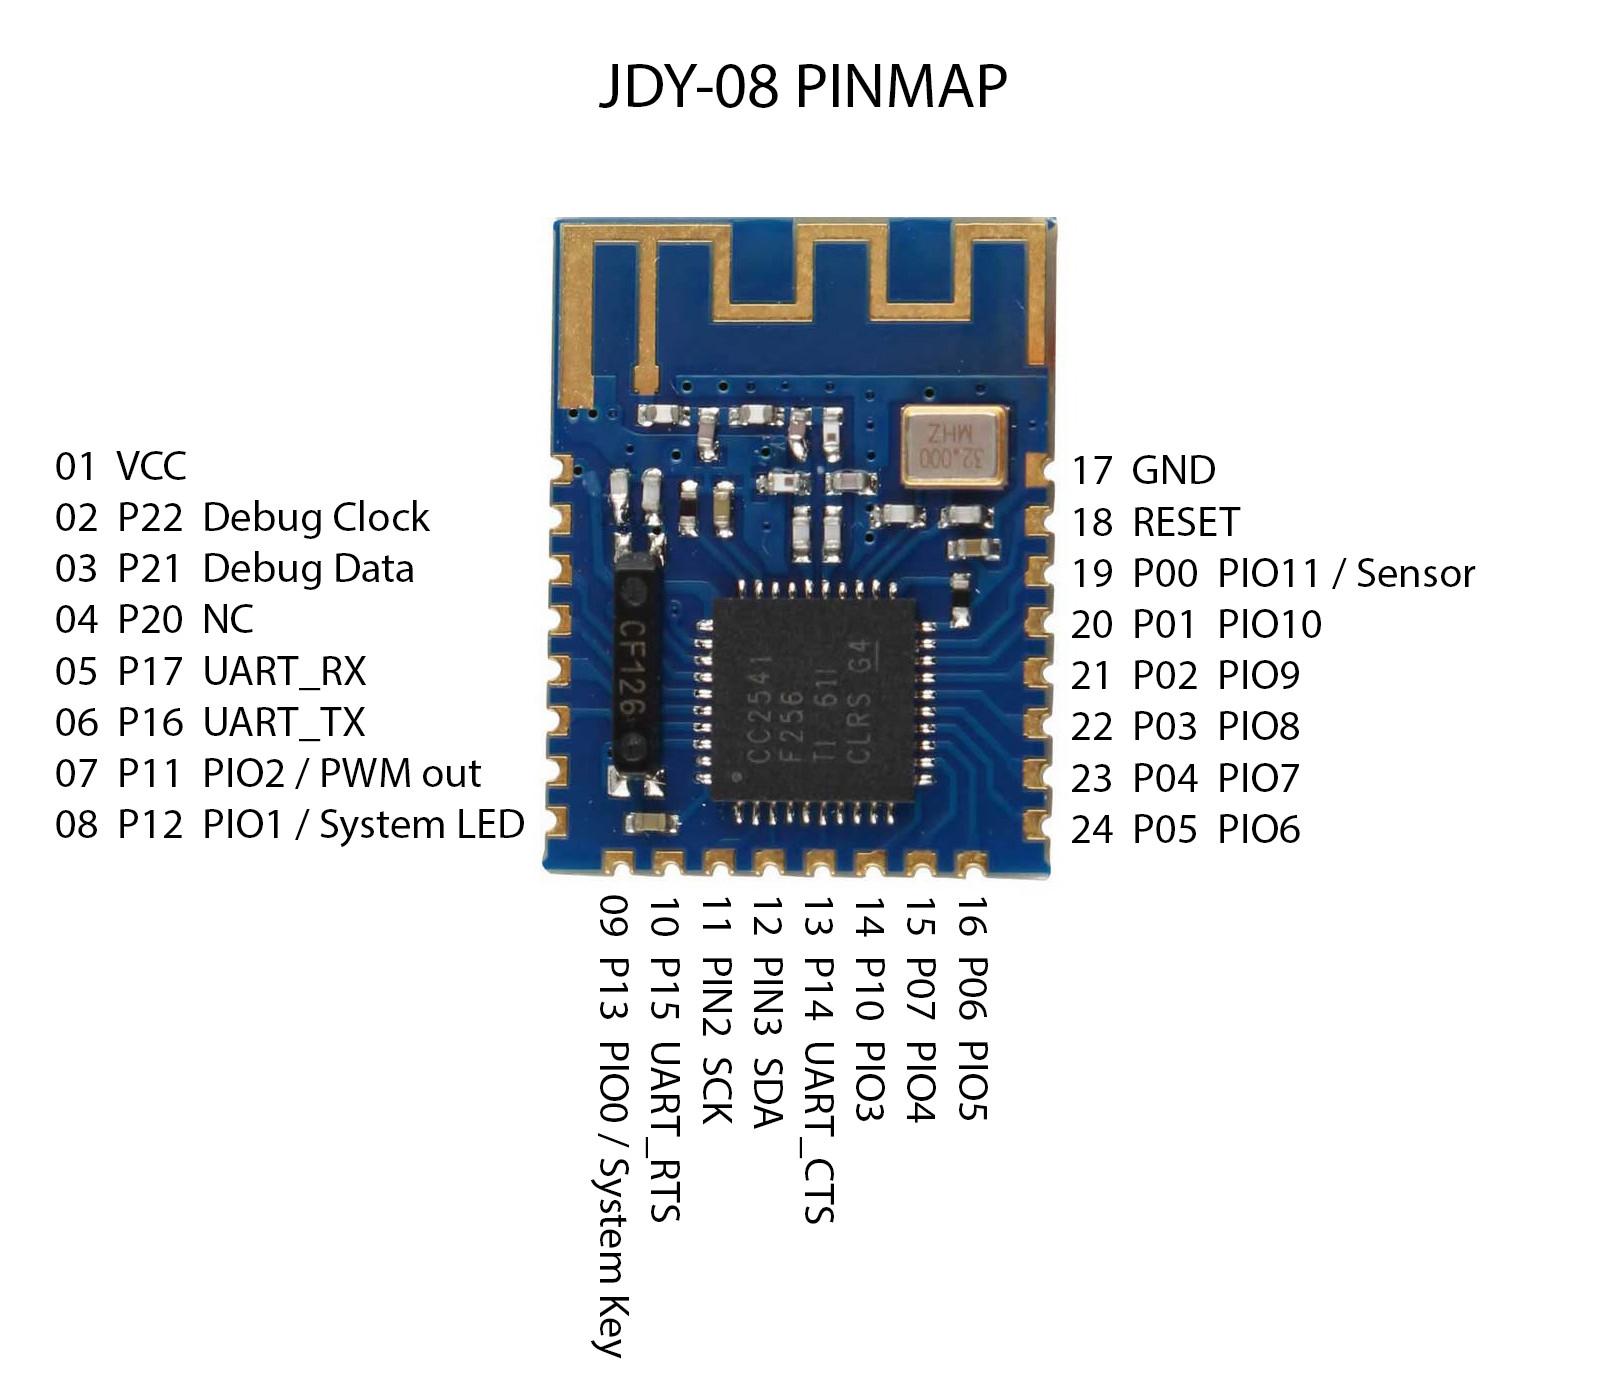 jdy-08_2